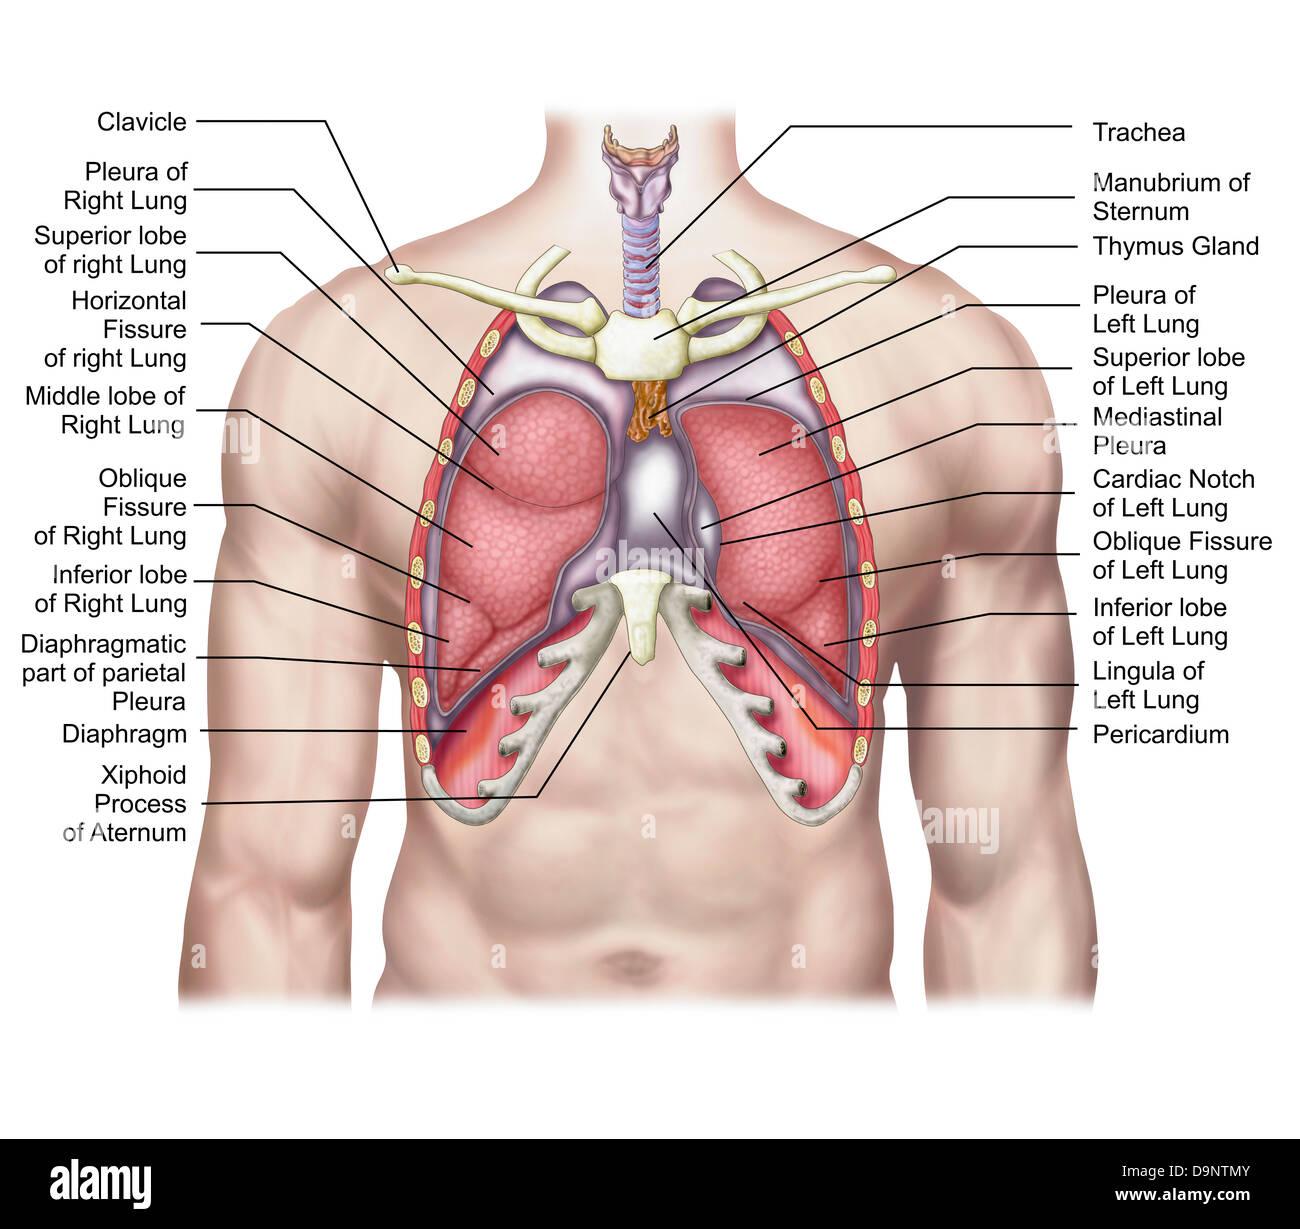 Anatomie der menschlichen Lunge an Ort und Stelle Stockfoto, Bild ...